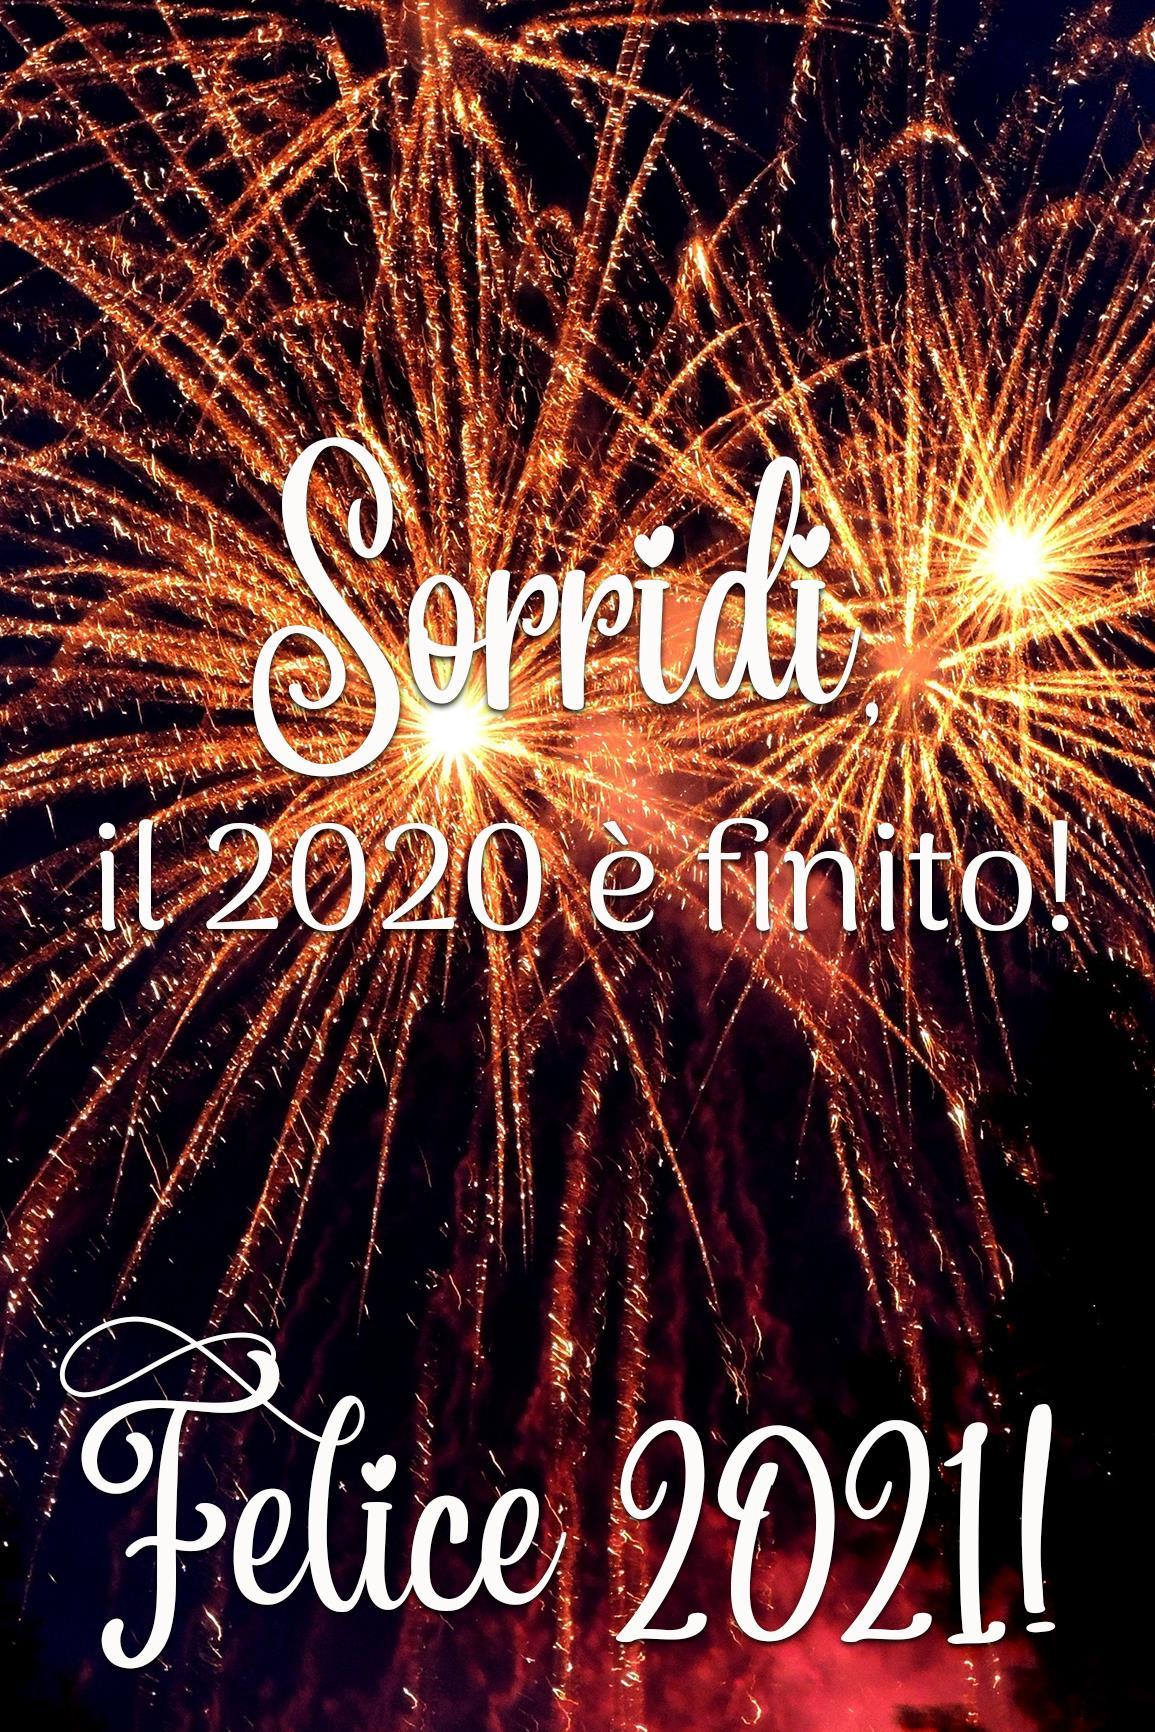 Buon anno 2021 auguri